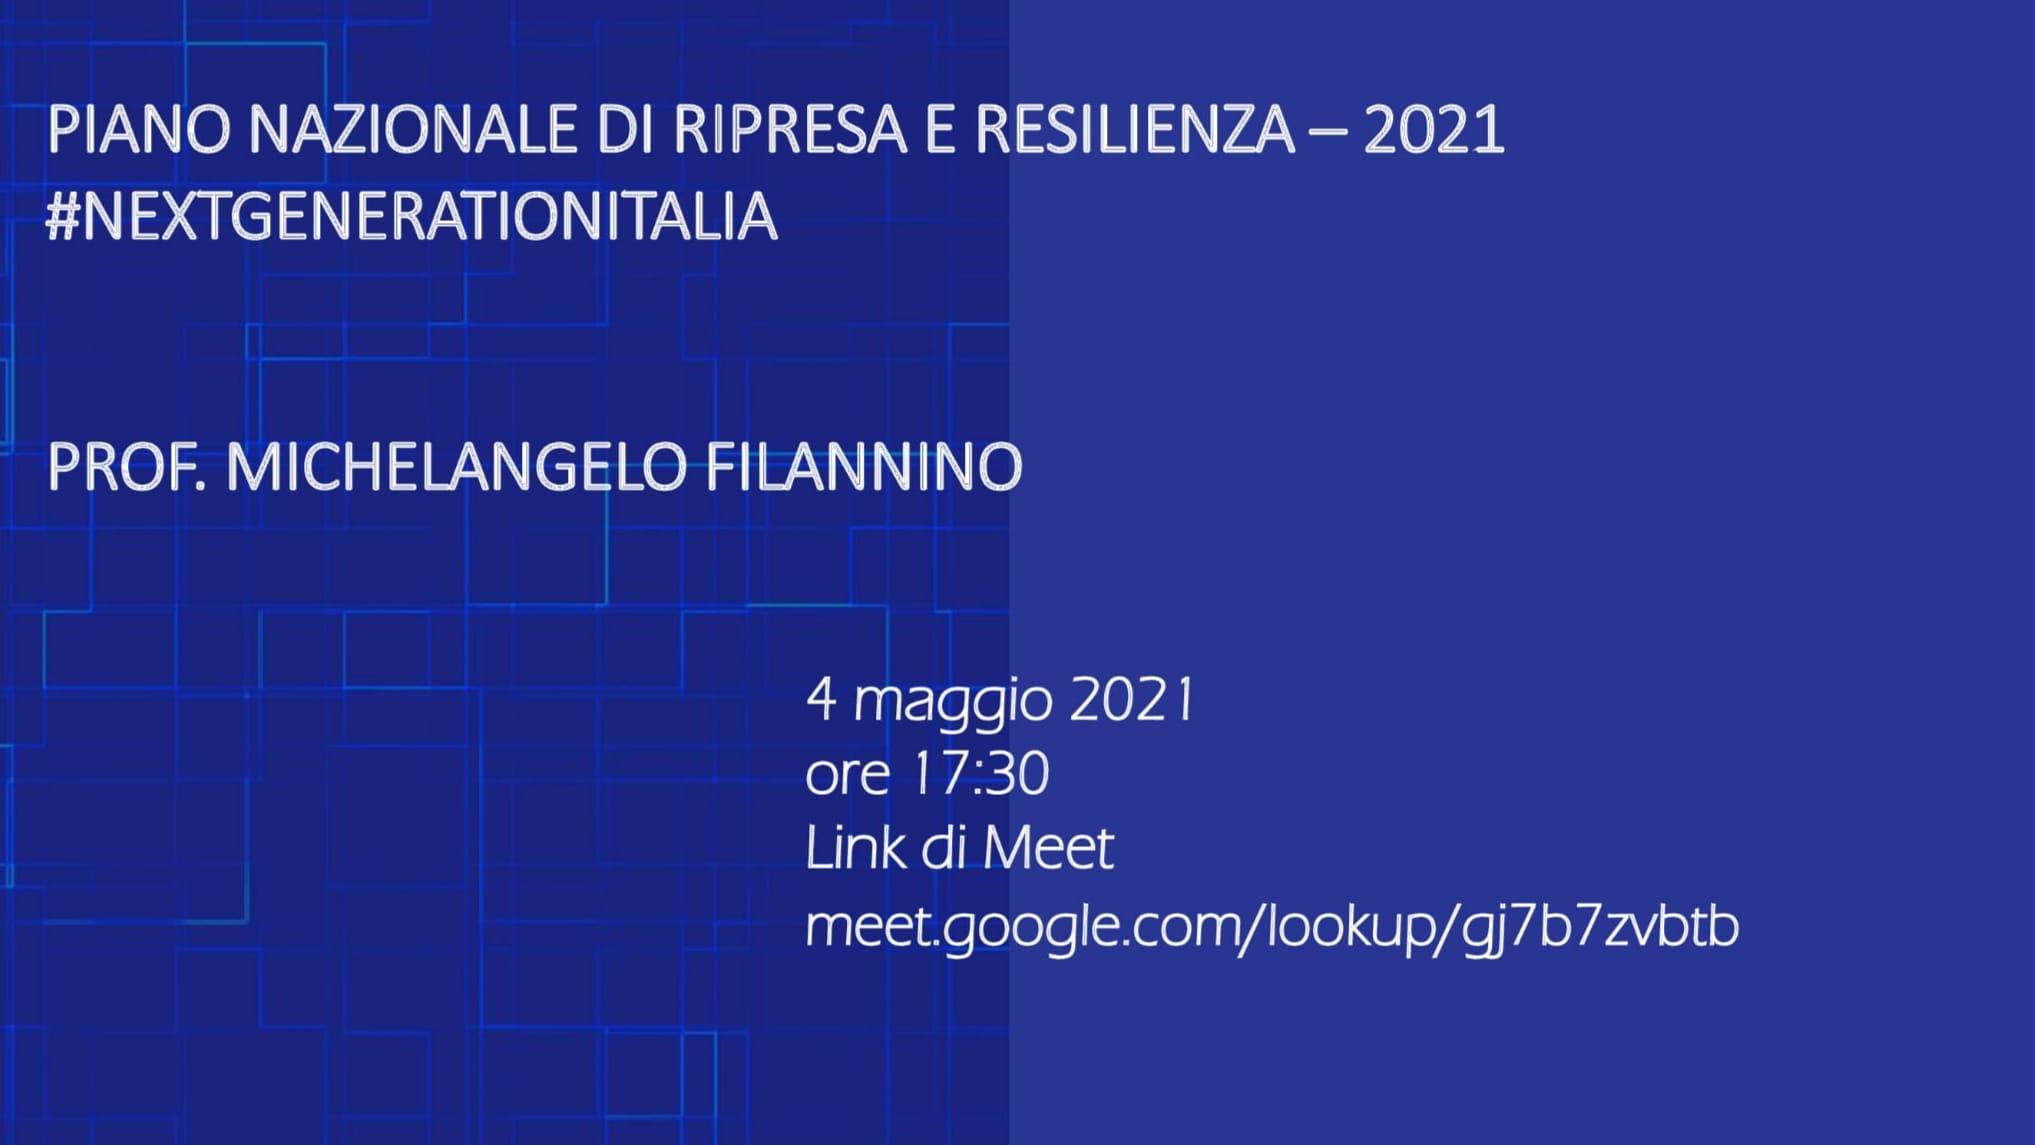 Incontro 4 maggio 2021 Filannino